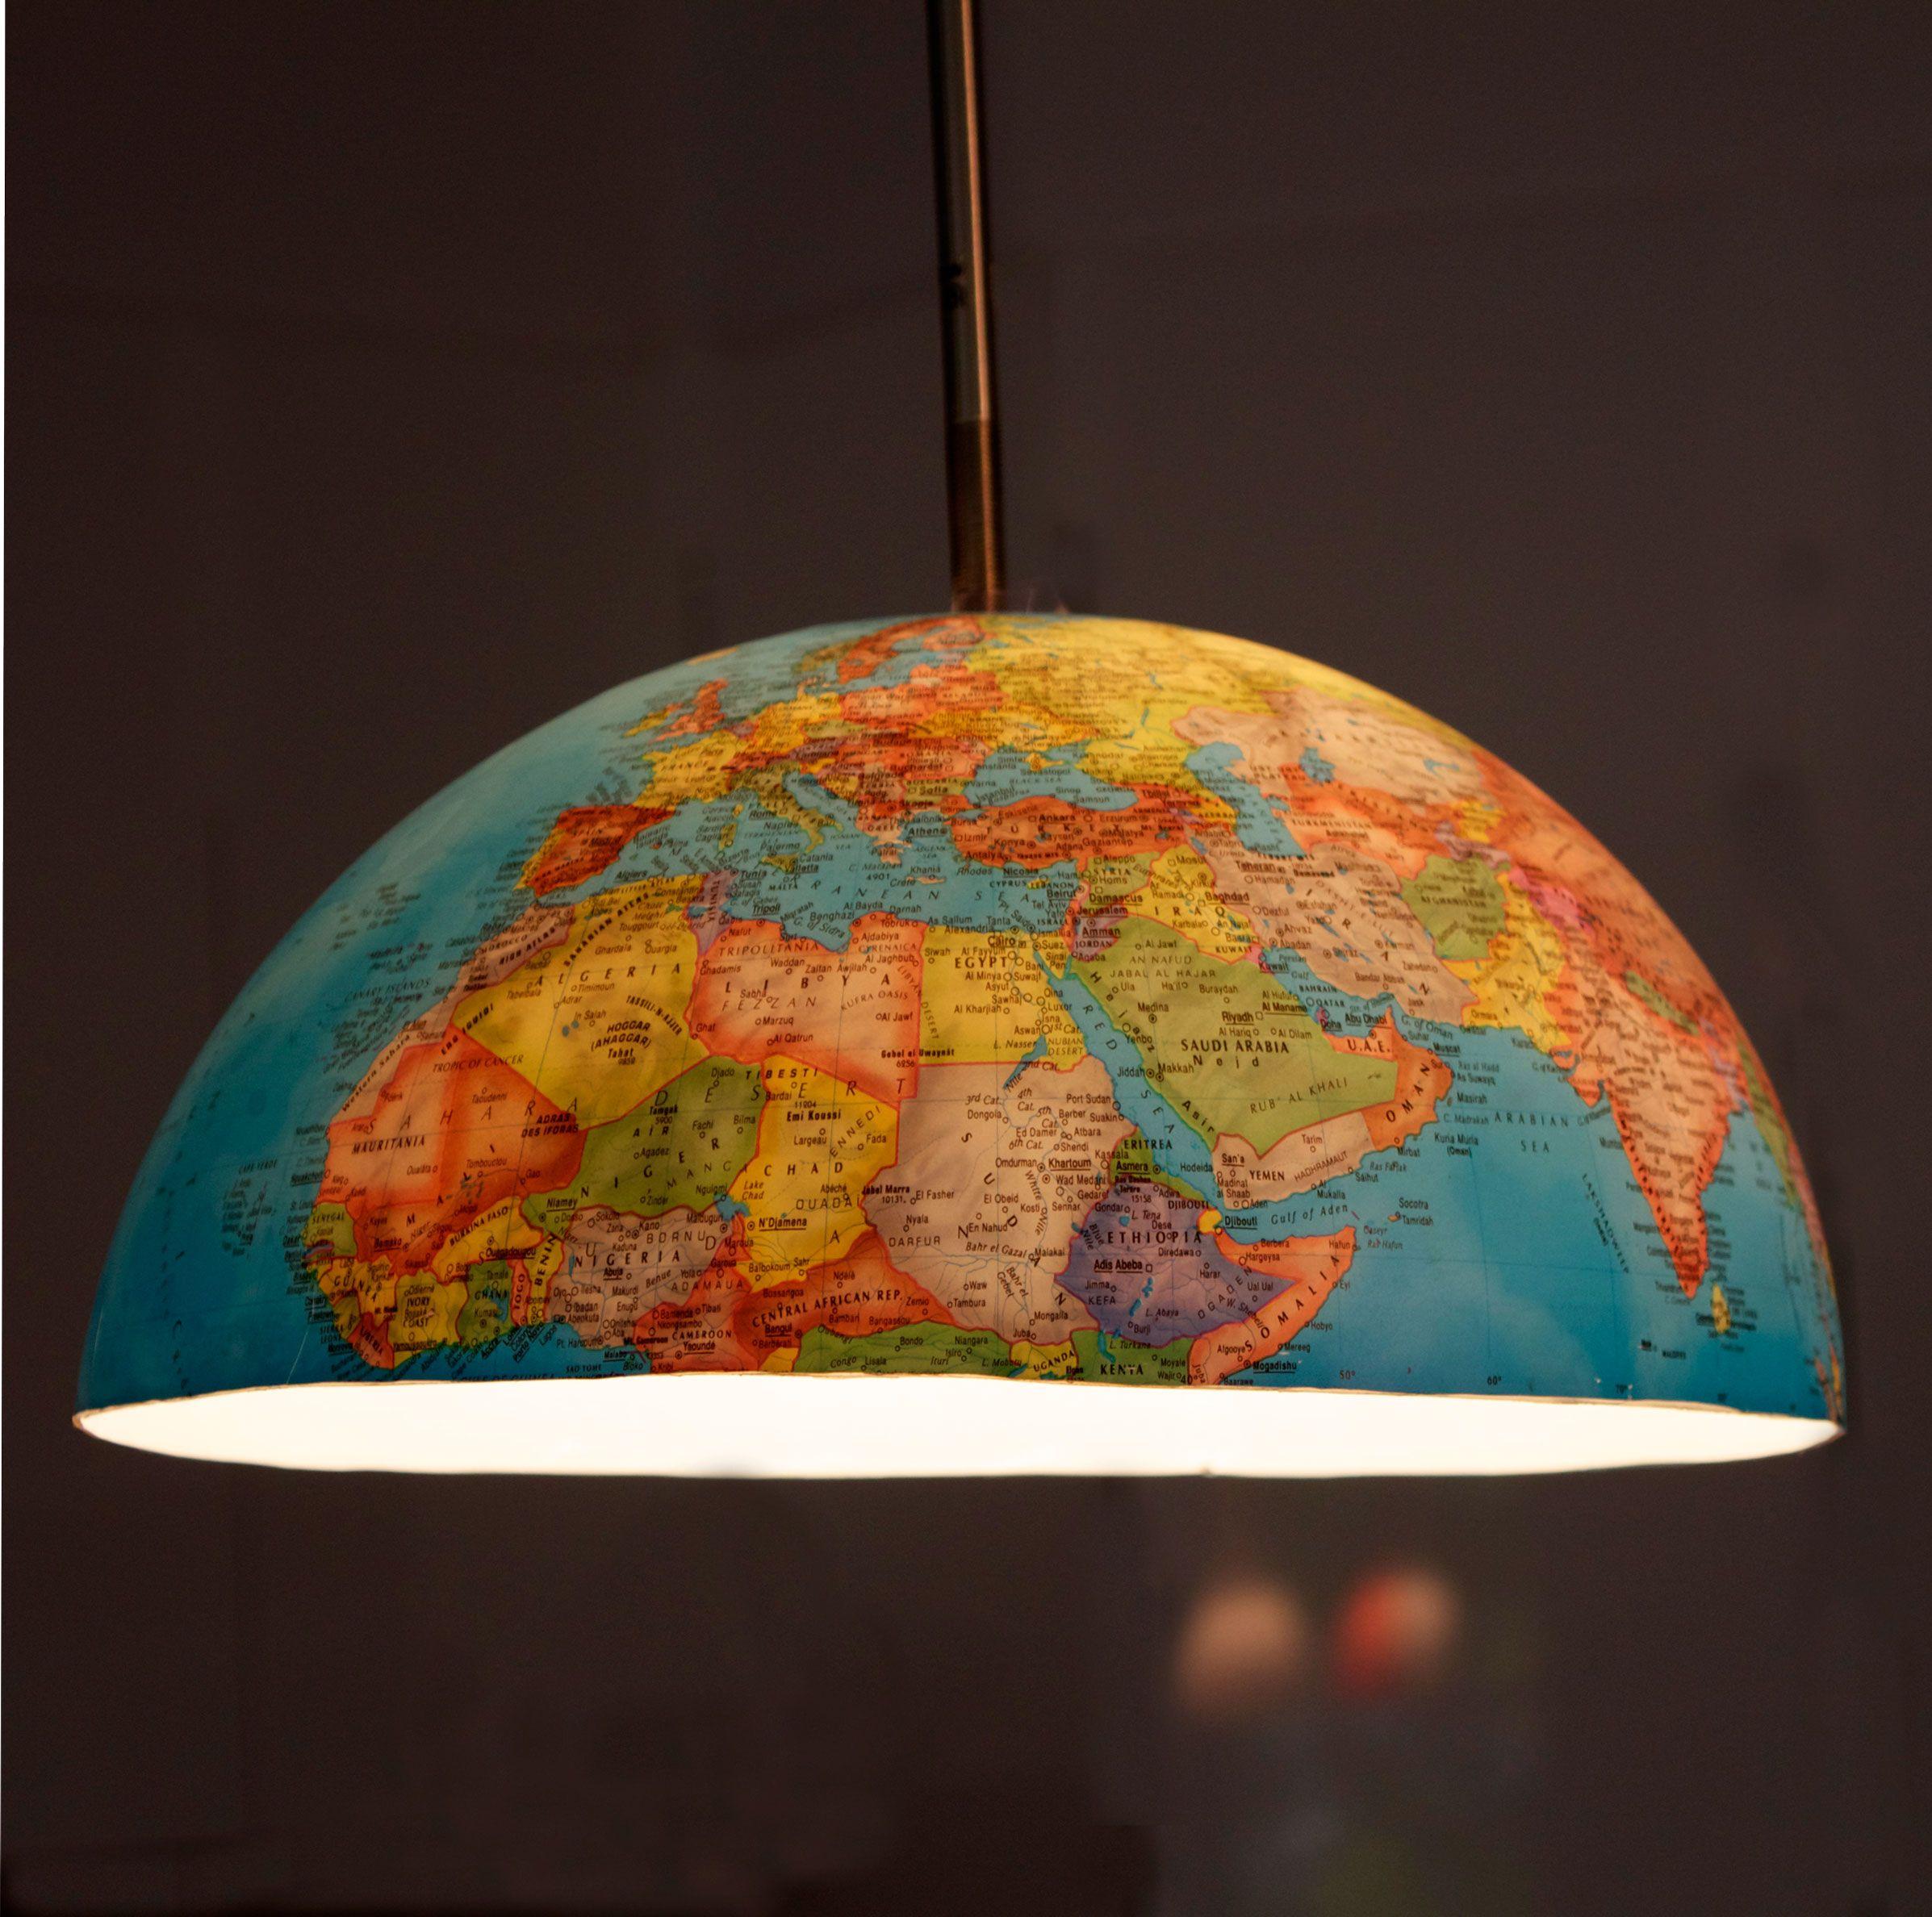 World globe lampshade pinterest globe playrooms and bespoke world globe lampshade gumiabroncs Images